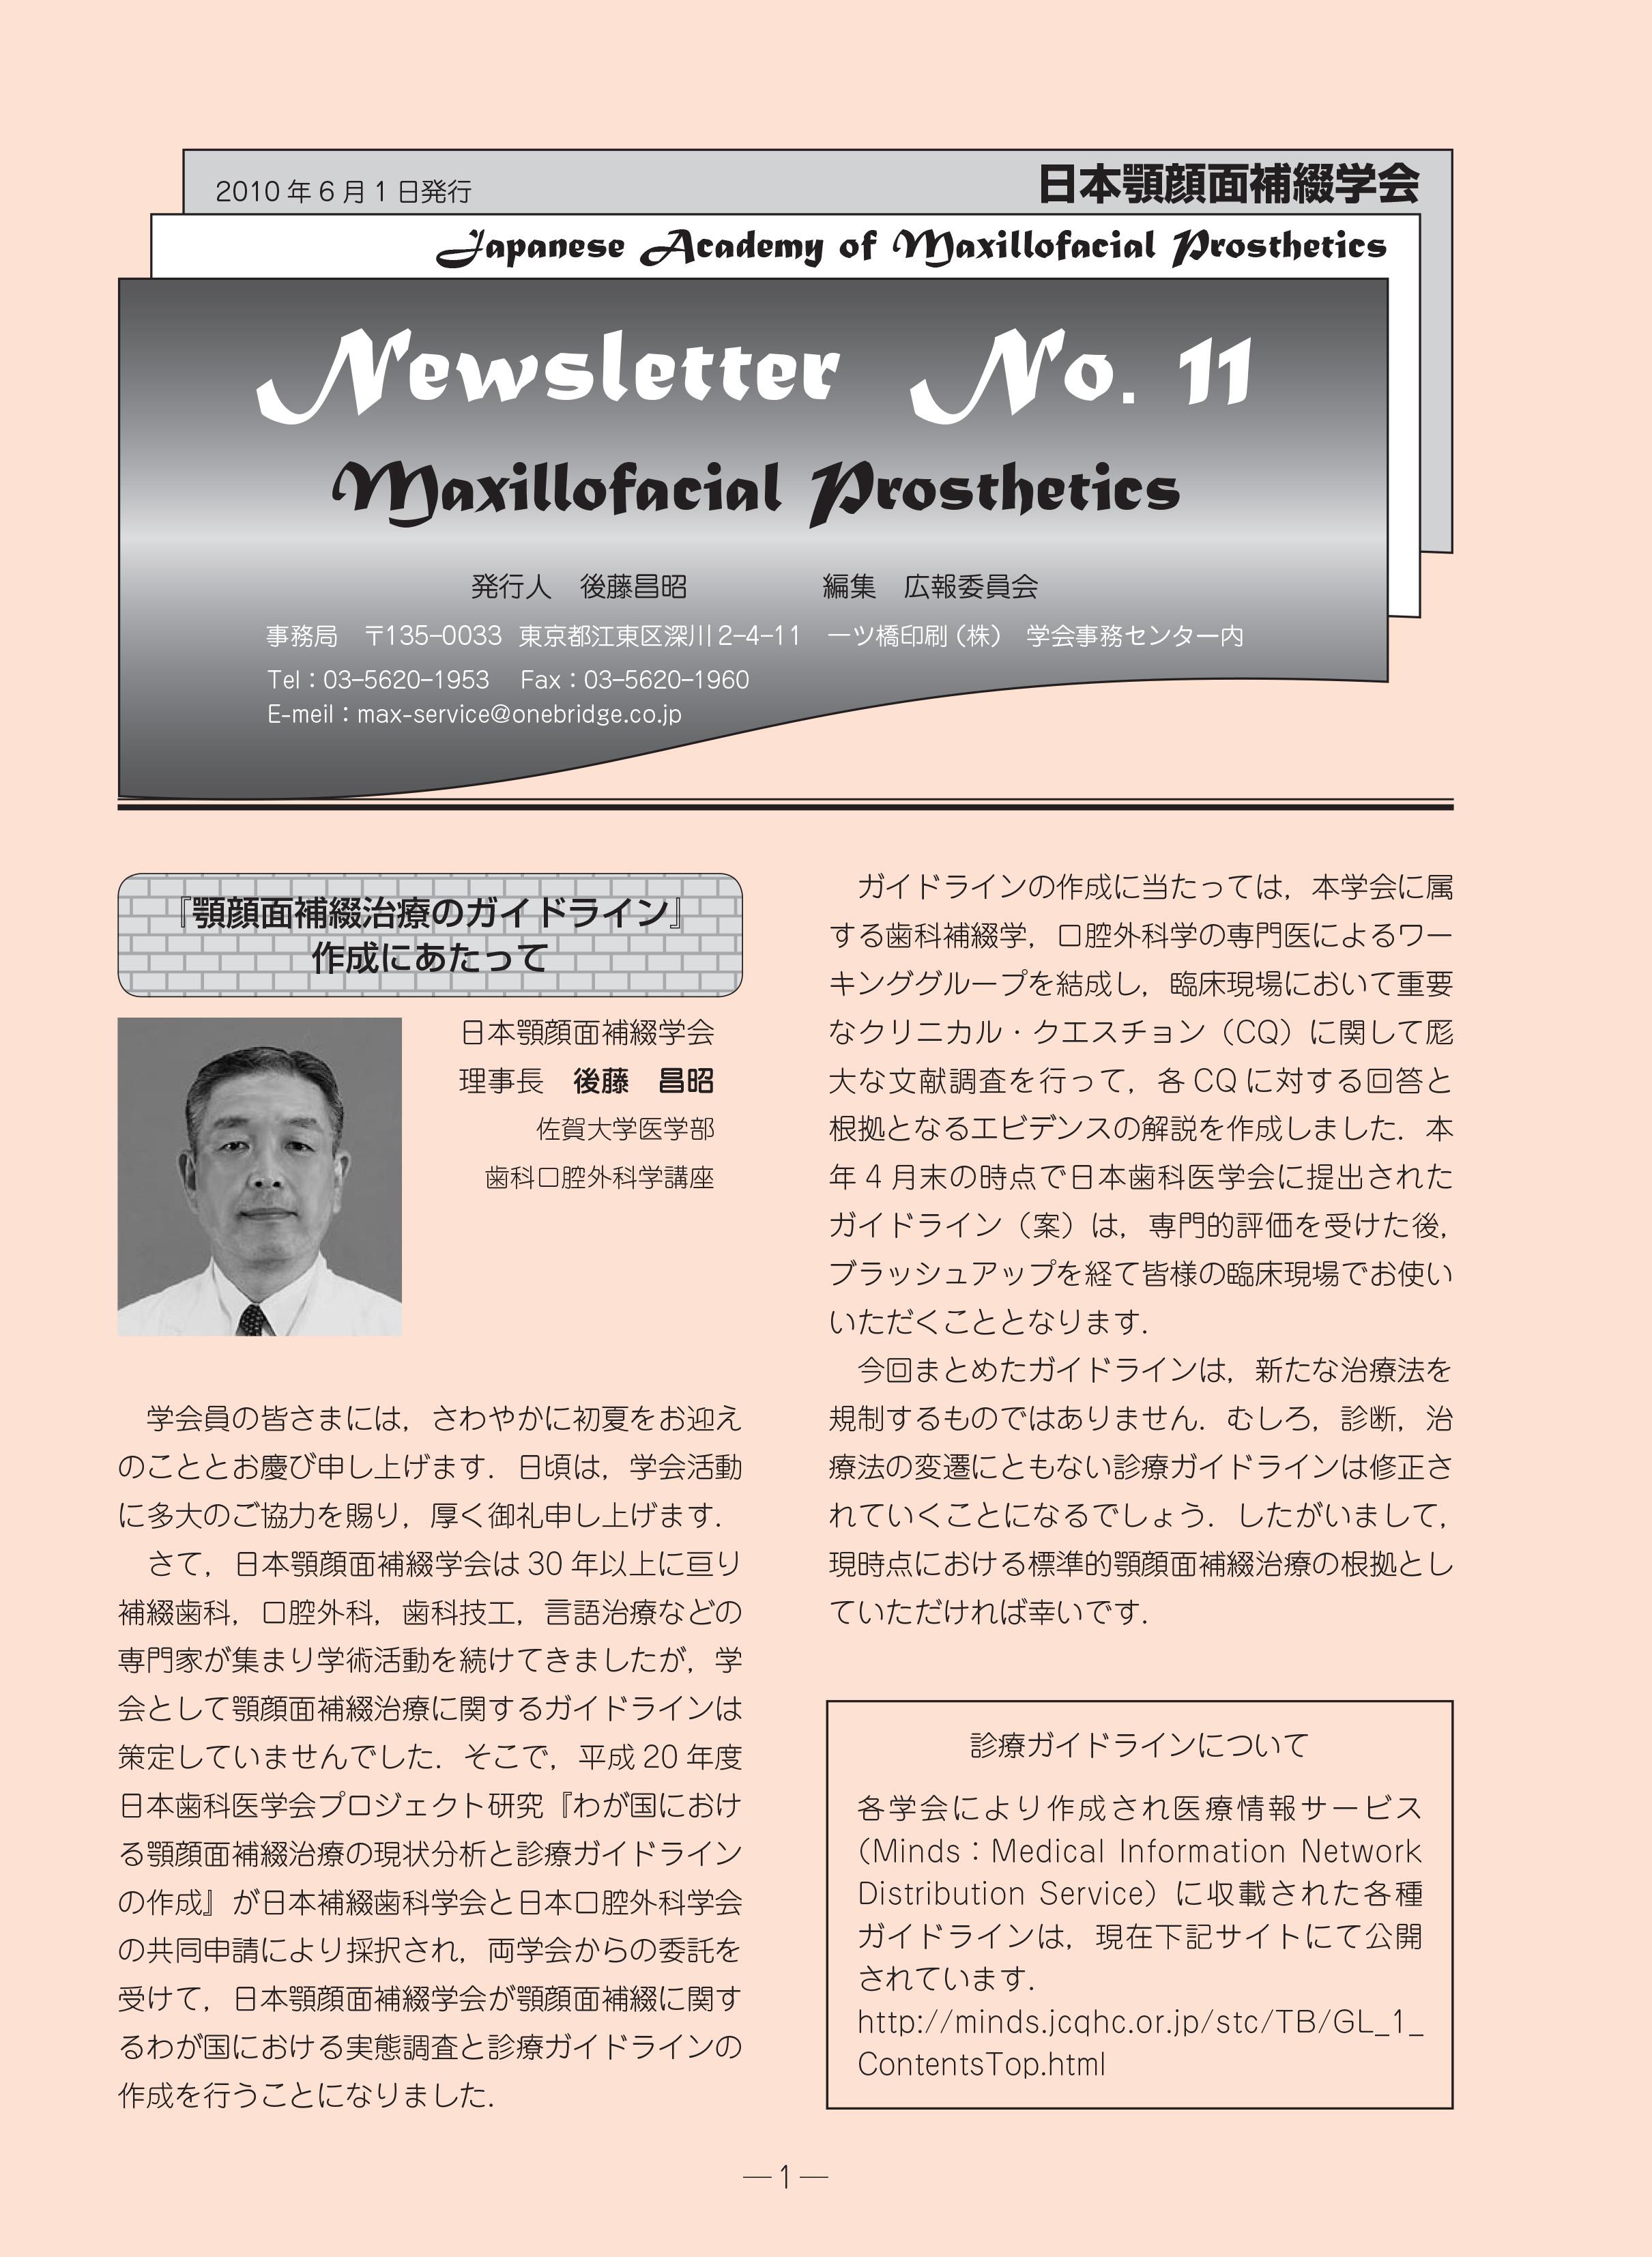 ニュースレター No.11